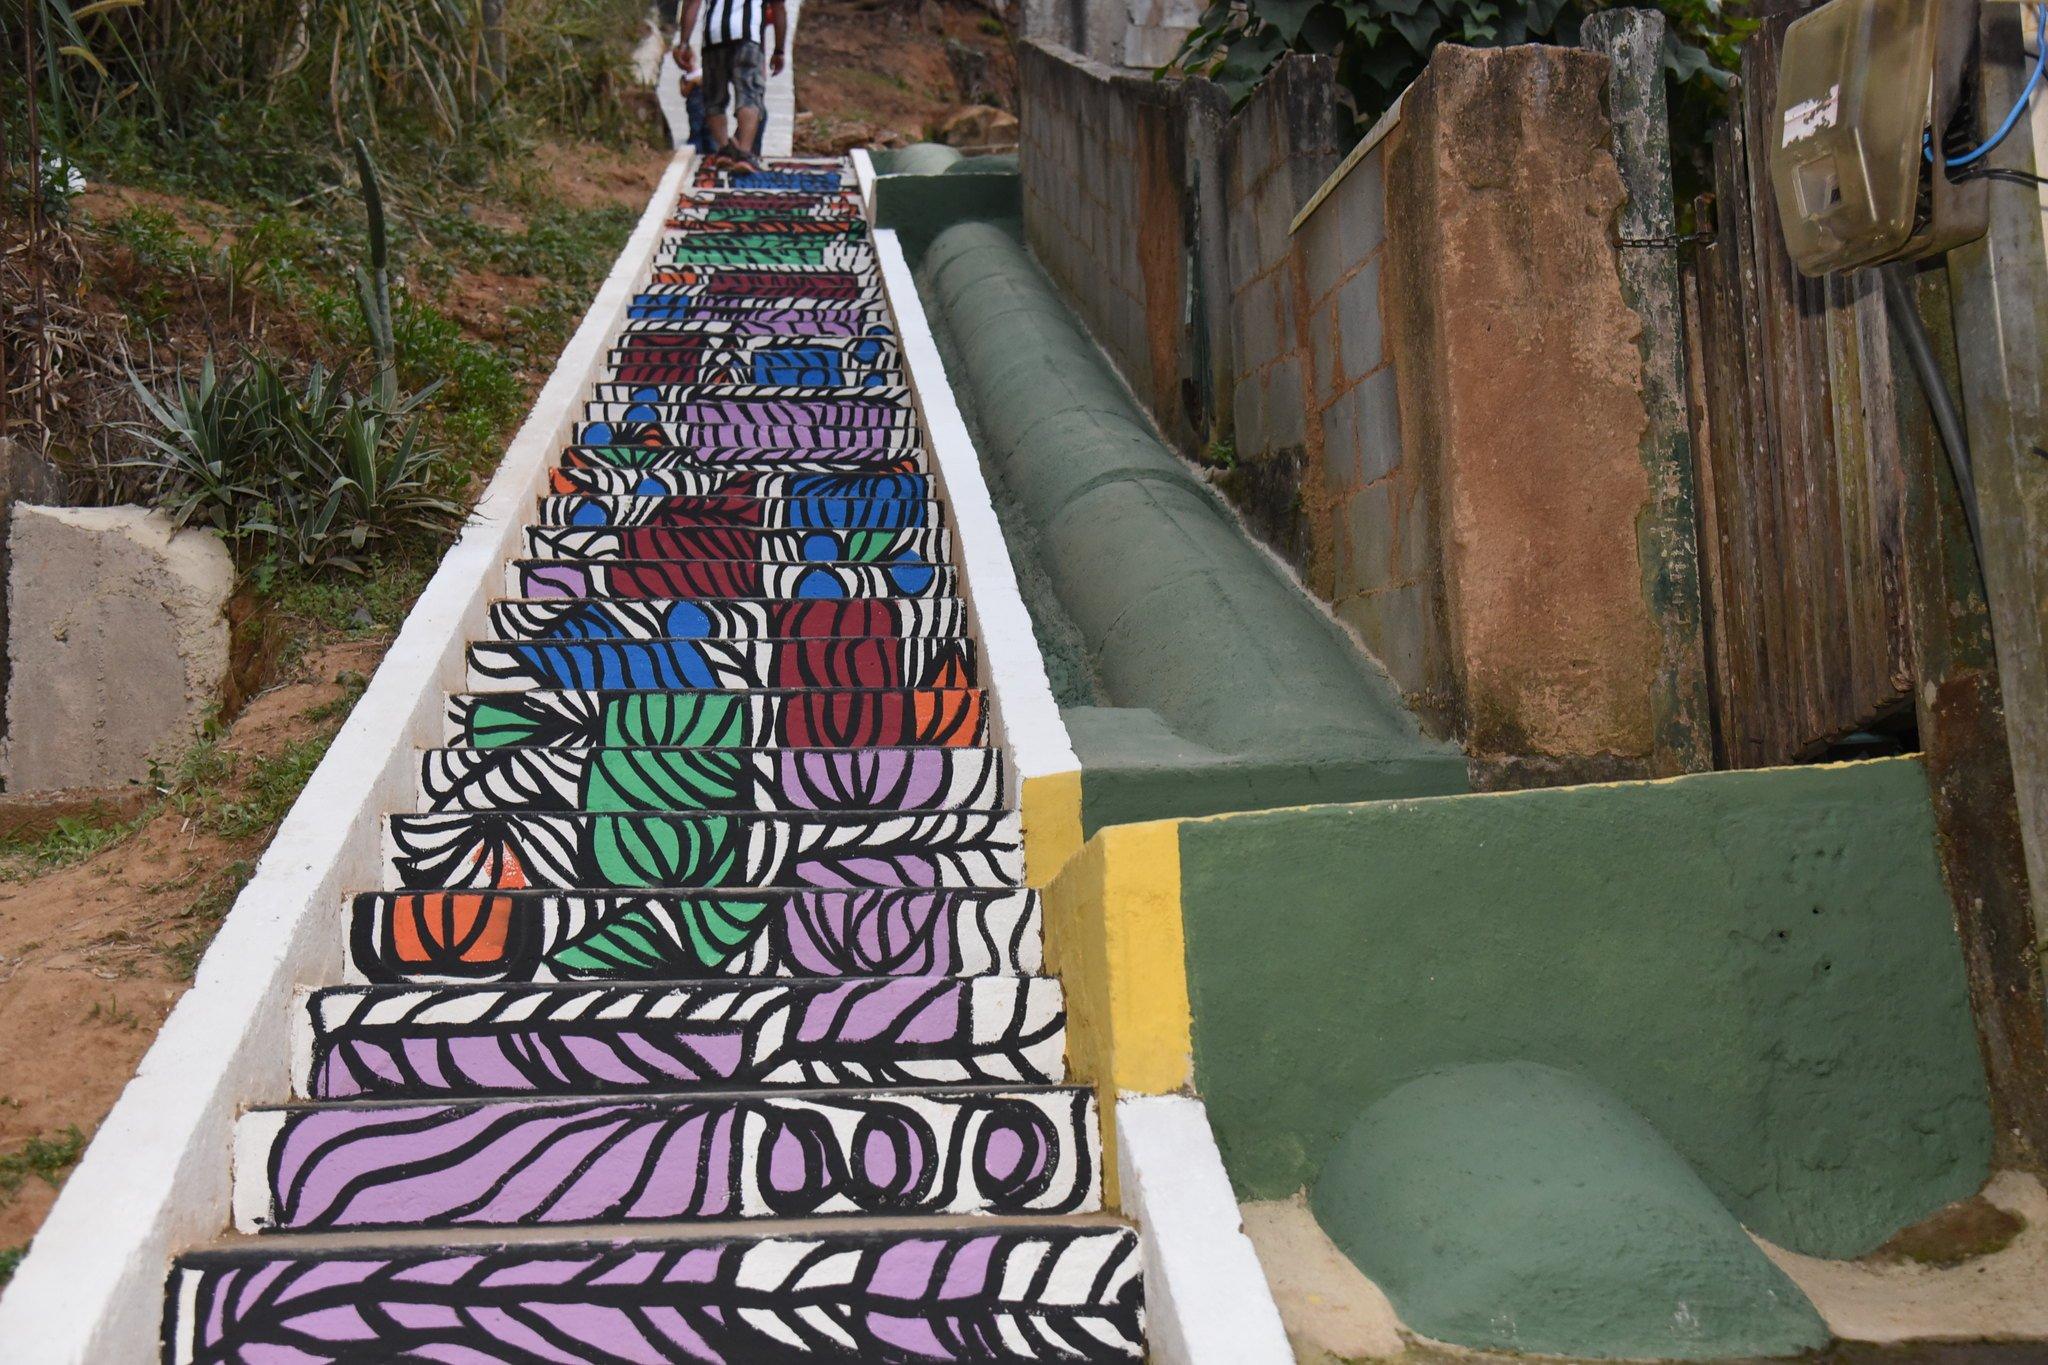 Pintura artística na escadaria de acesso à Rua Antônio Melhorance se destaca